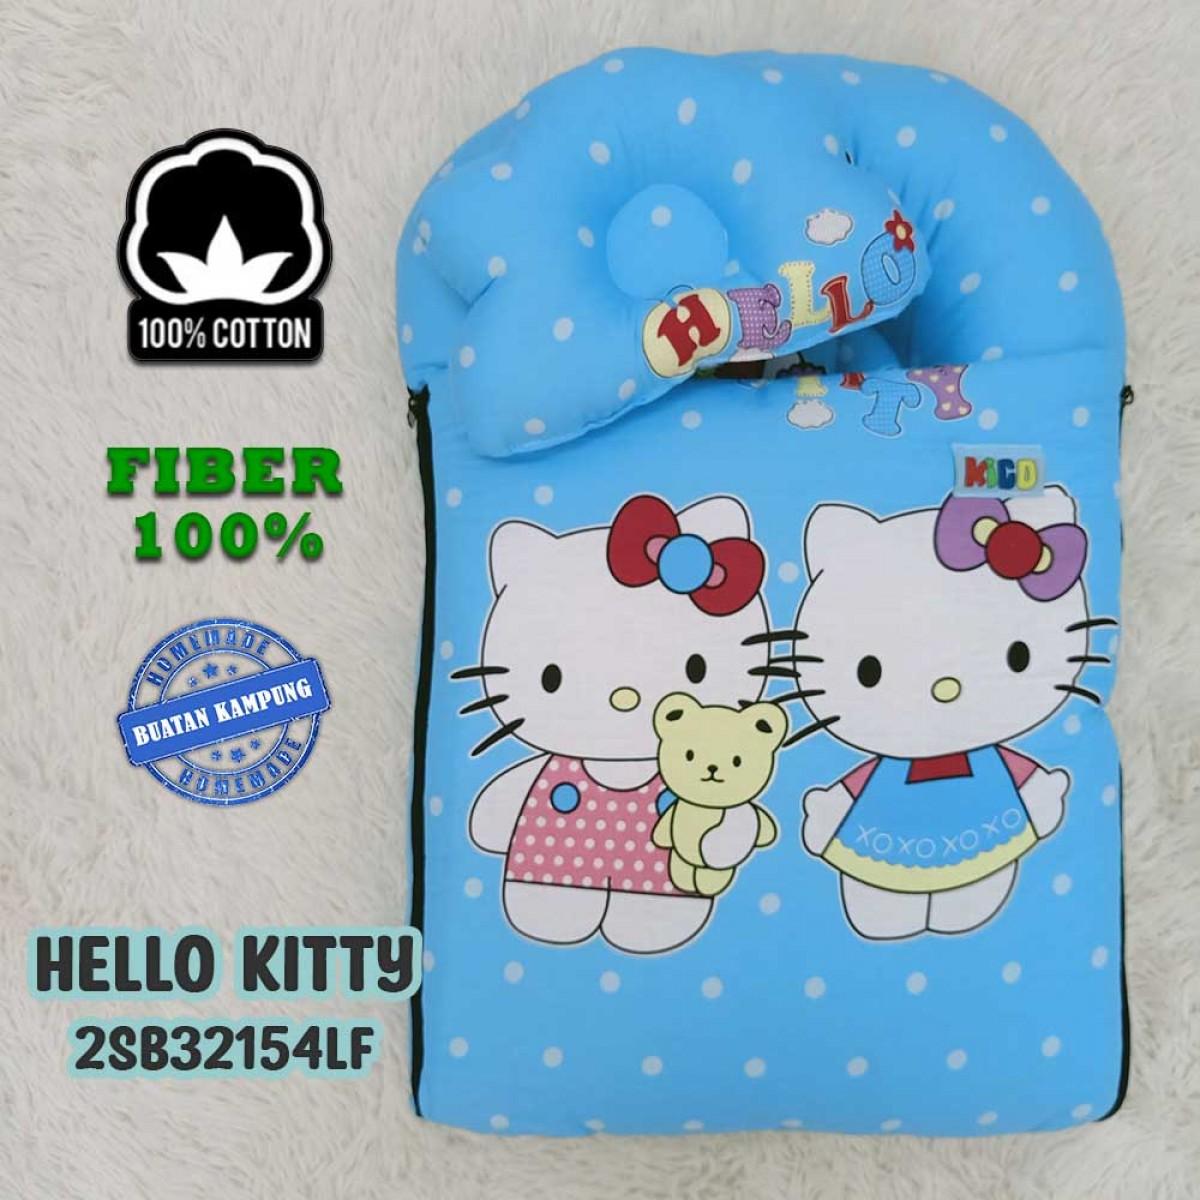 Hello Kitty - Kico Baby Center